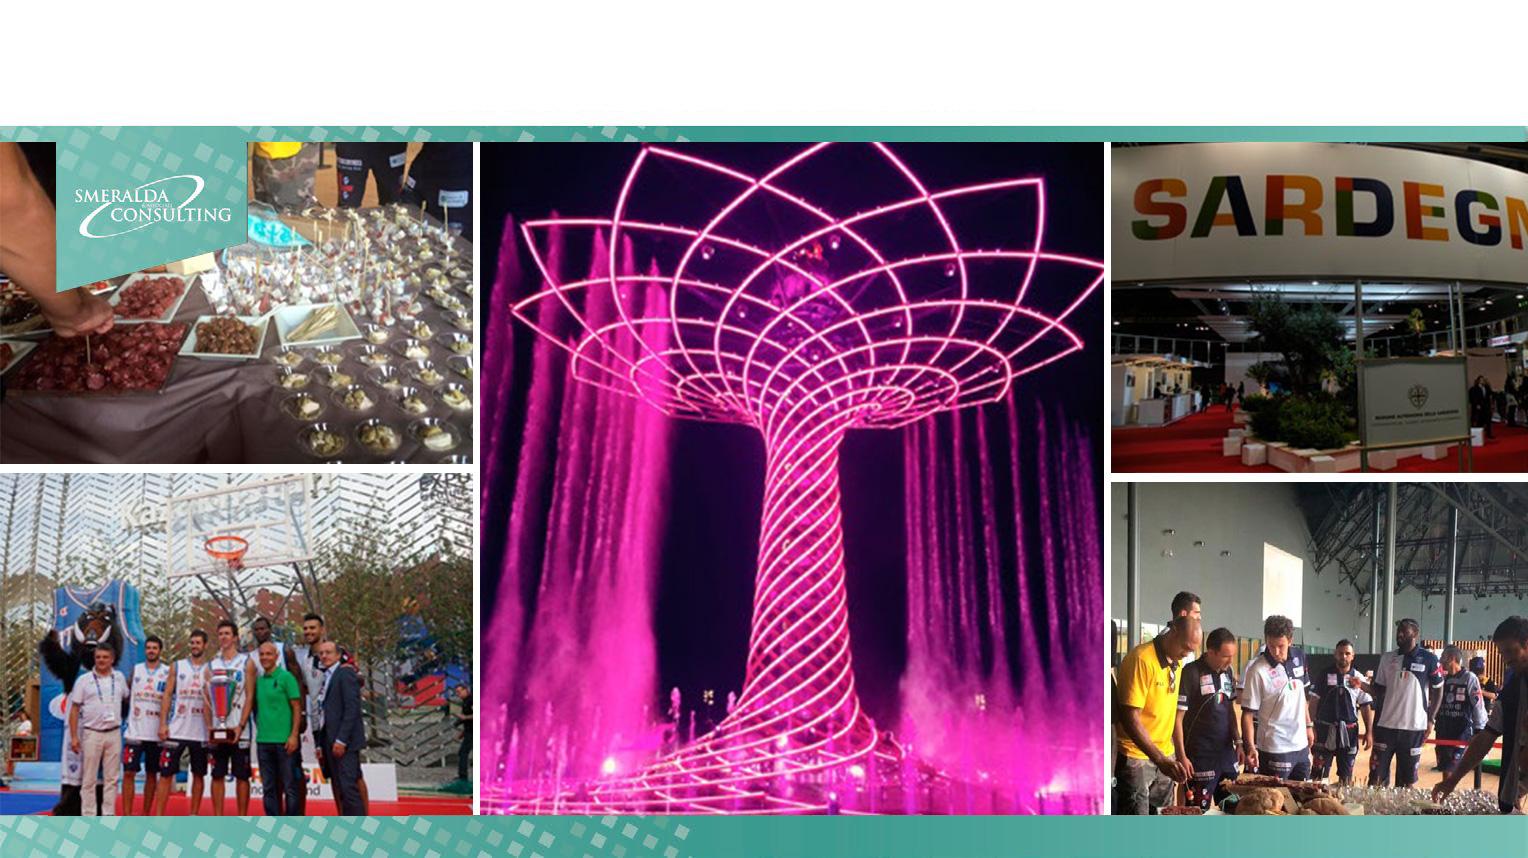 QUALITA' DELLA VITA, SPORT, BENESSERE: SARDEGNA EXPO 2015